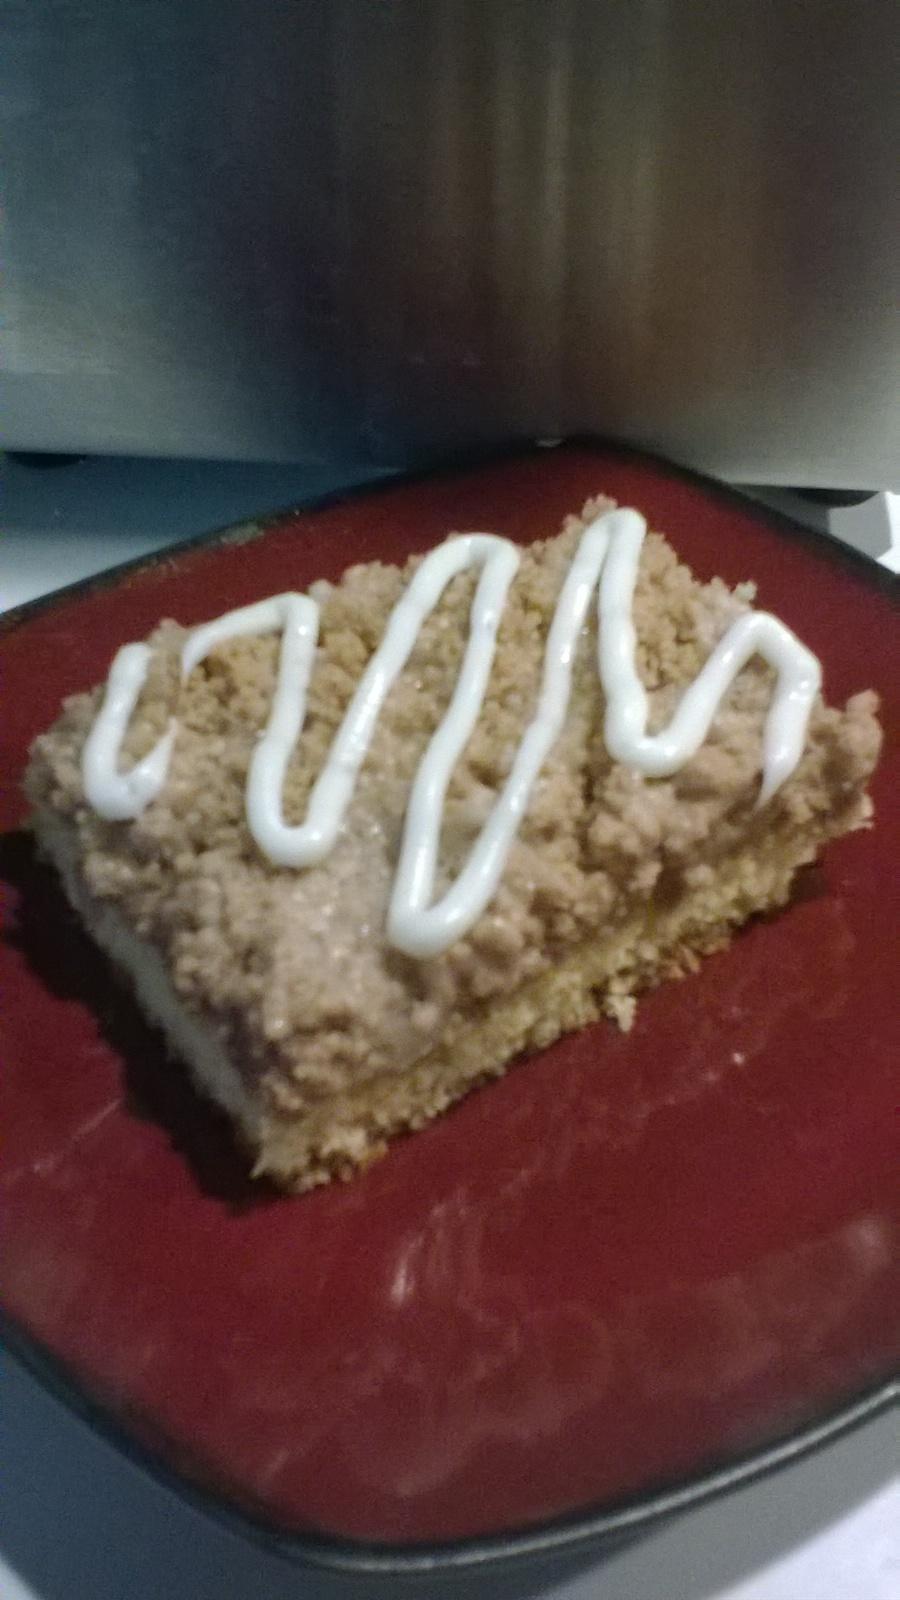 Duncan Hines Butter Golden Crumb Cake